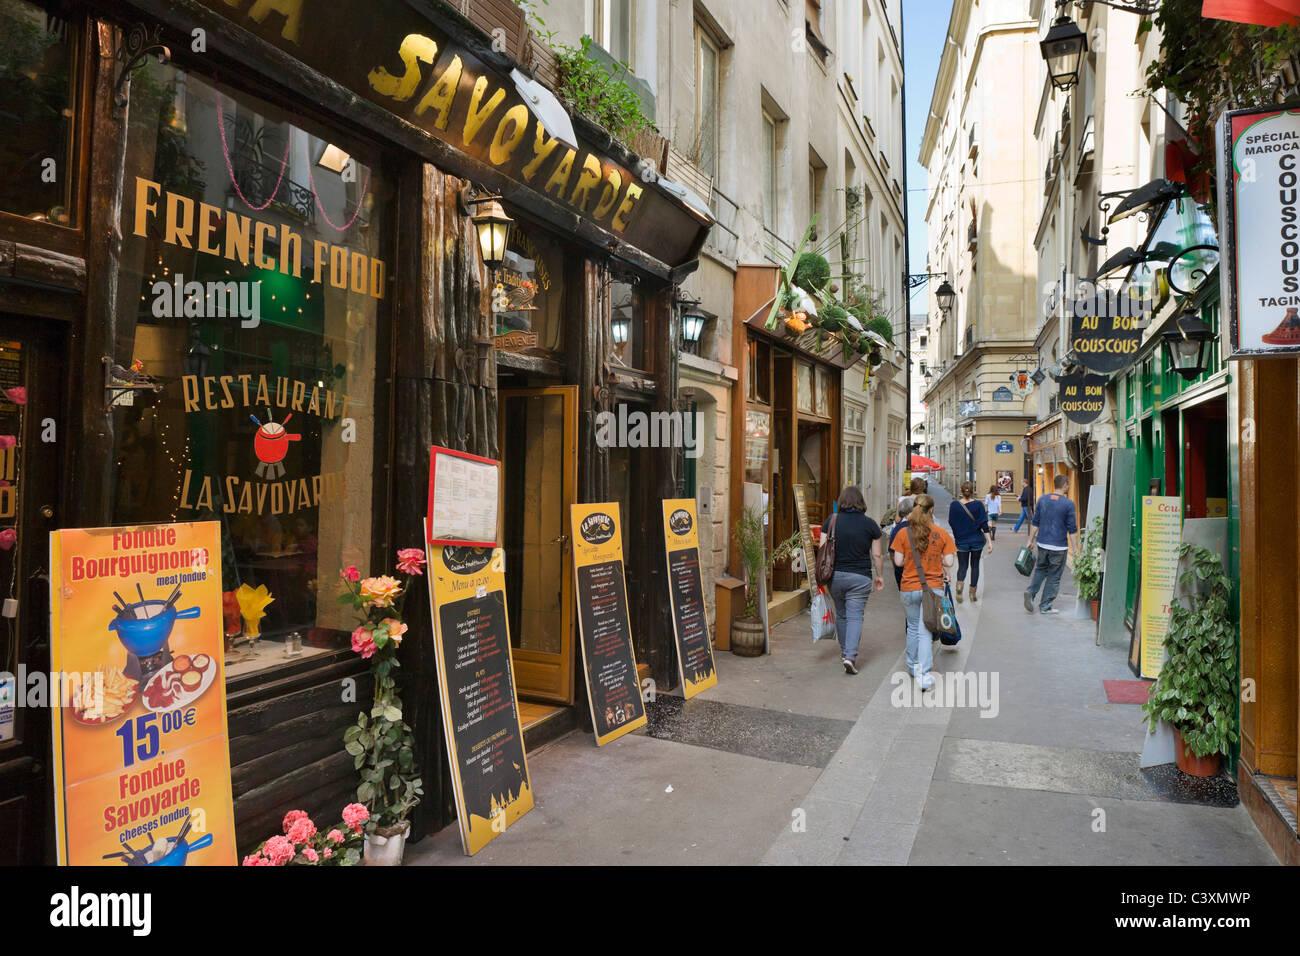 Restaurant Couscous Paris